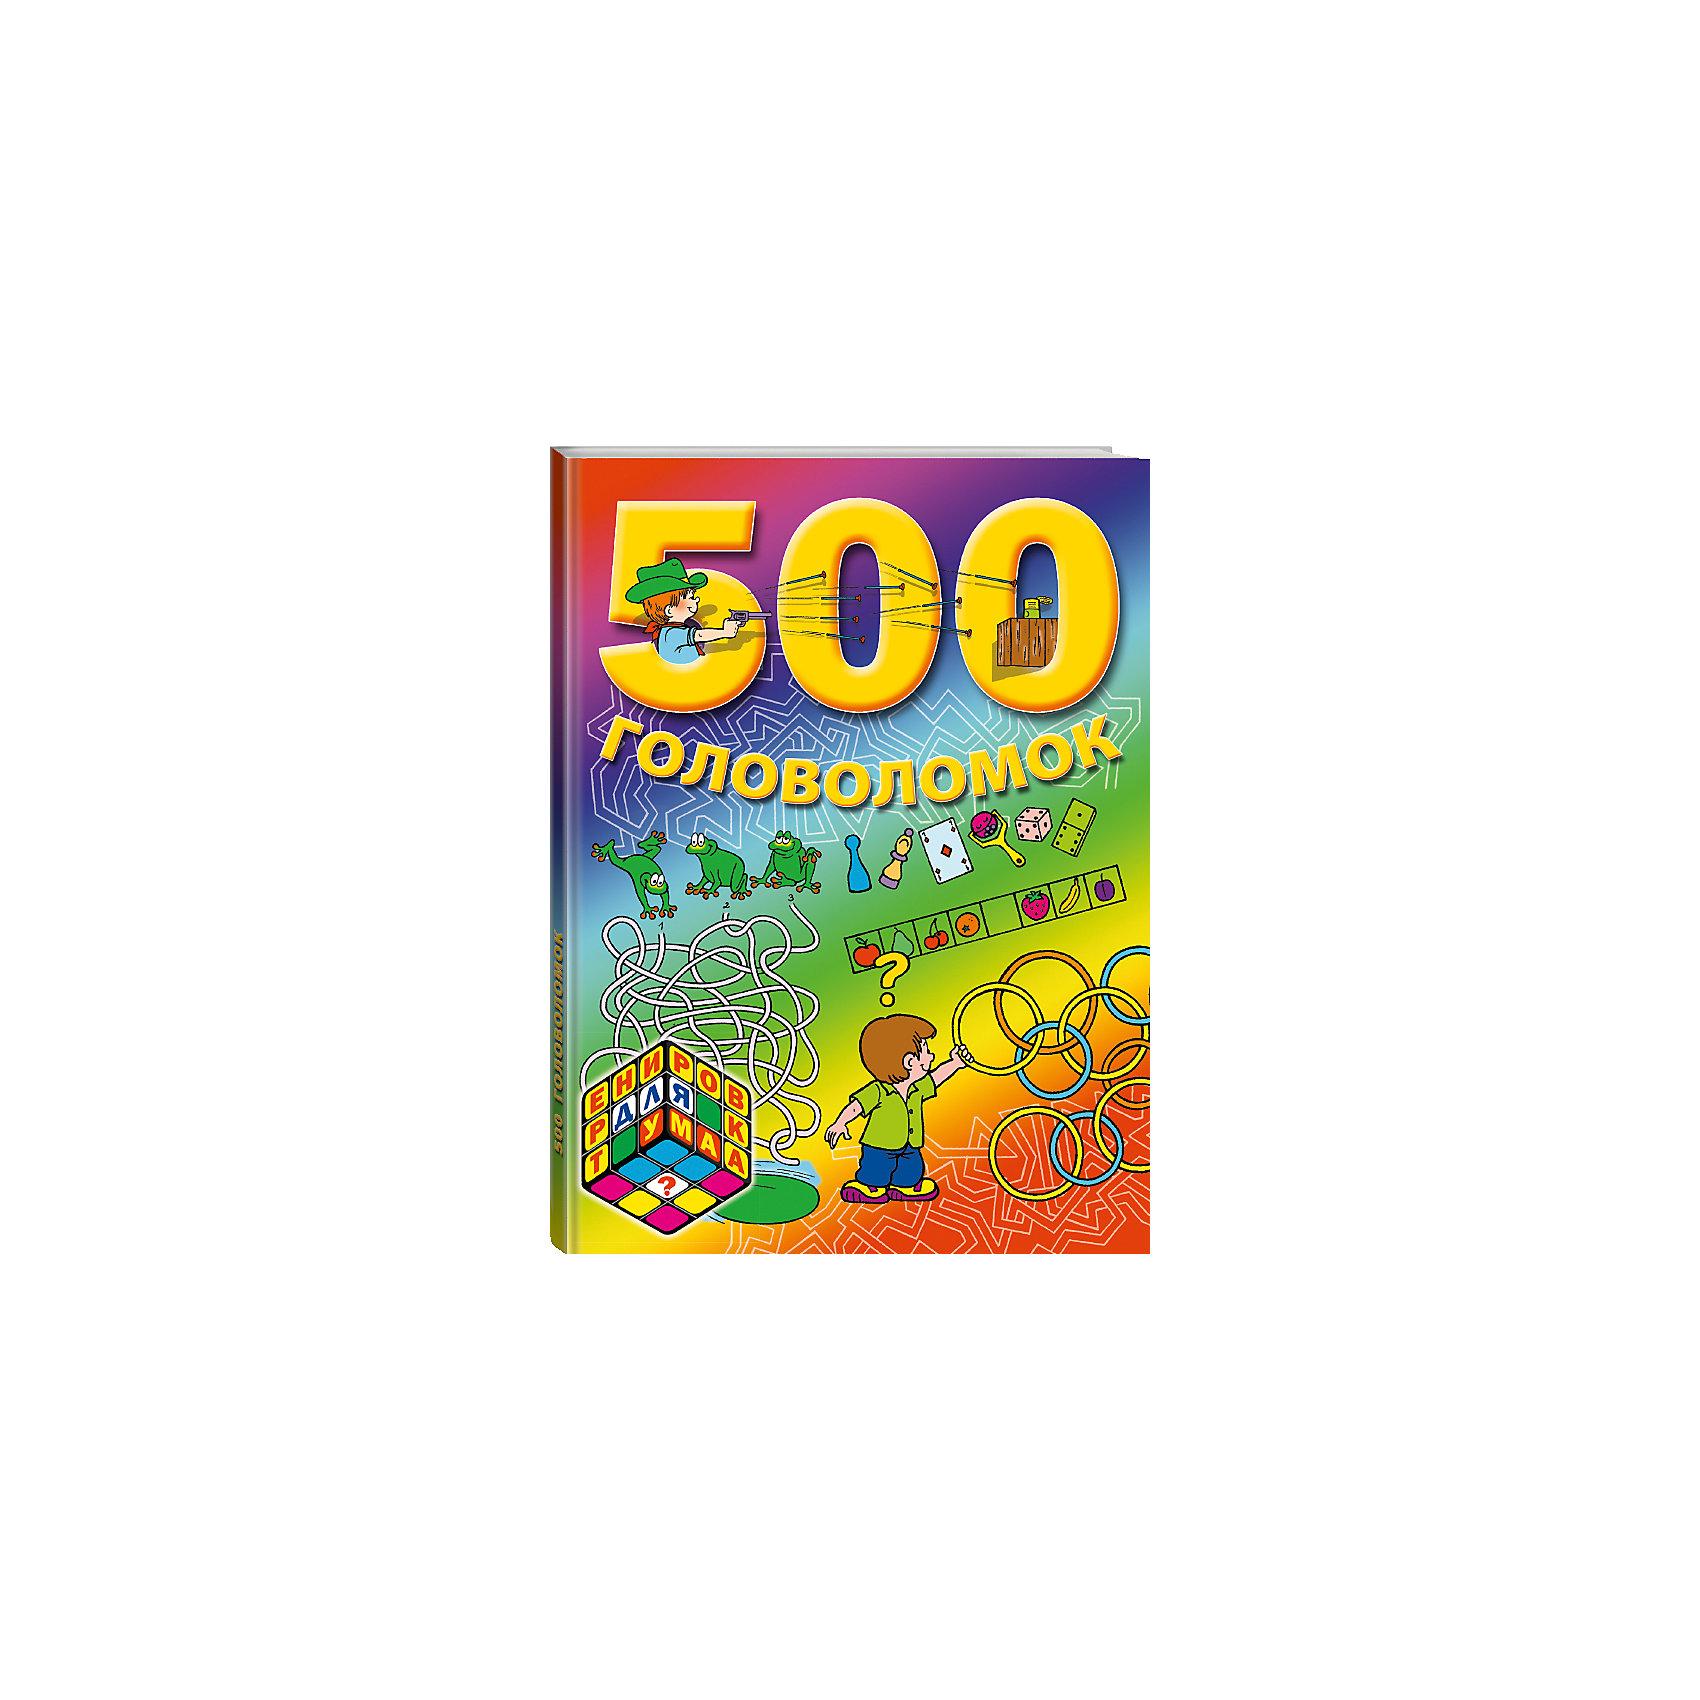 7 + 500 головоломокЭксмо<br>Собранные в книге игры и головоломки направлены на развитие памяти, фантазии и воображения, навыков рисования и счета и логического мышления ребенка. Книга содержит задания разного уровня сложности, которые помогут каждому ребенку развить навыки и умения, необходимые для успешного обучения в школе.<br><br>Ширина мм: 280<br>Глубина мм: 210<br>Высота мм: 10<br>Вес г: 280<br>Возраст от месяцев: 72<br>Возраст до месяцев: 120<br>Пол: Унисекс<br>Возраст: Детский<br>SKU: 6877982